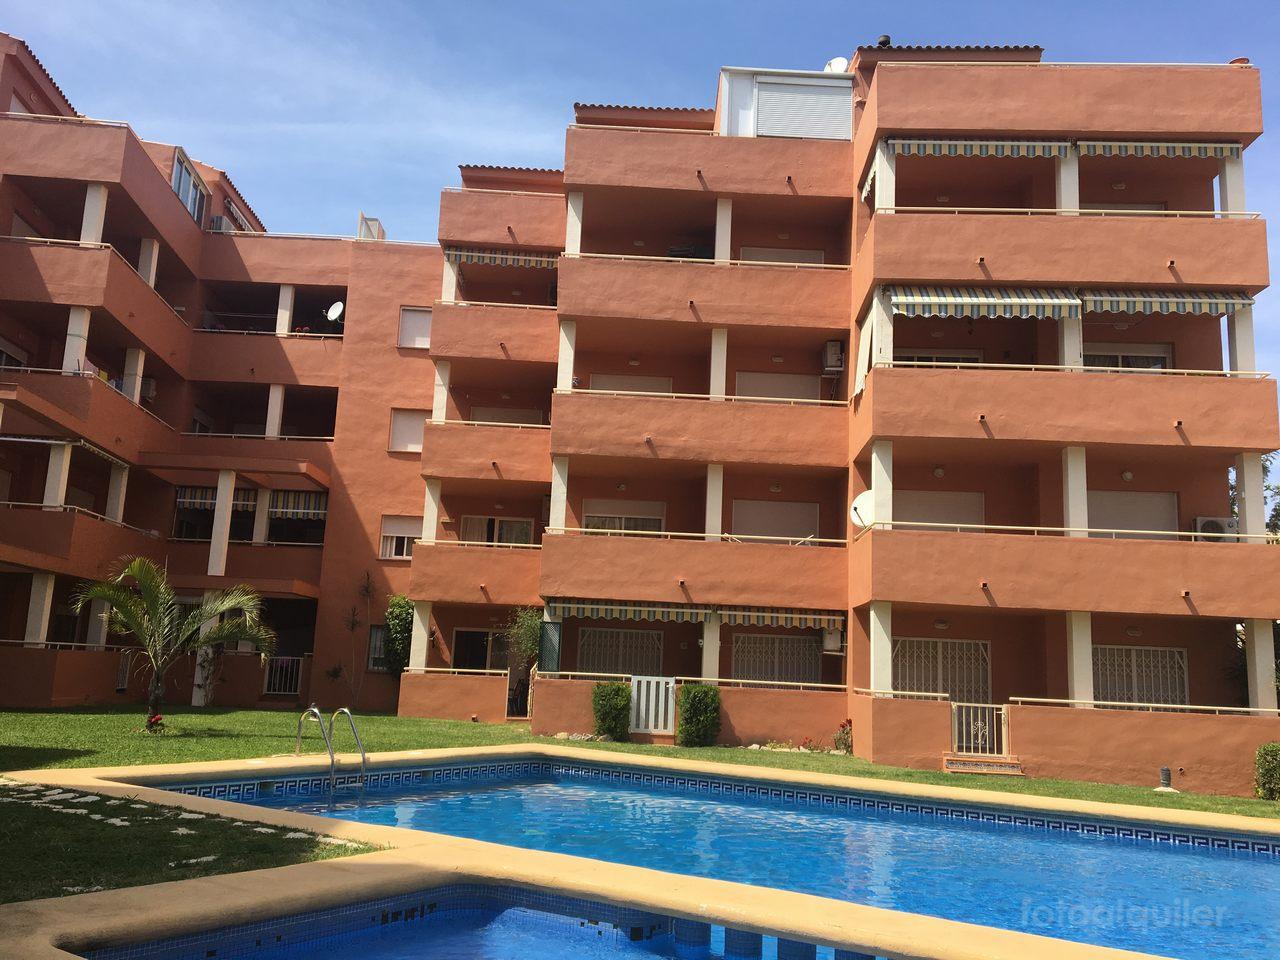 Alquiler de apartamento en Denia, Urbanización Castillo Playa,  Alicante, ref.: denia1227